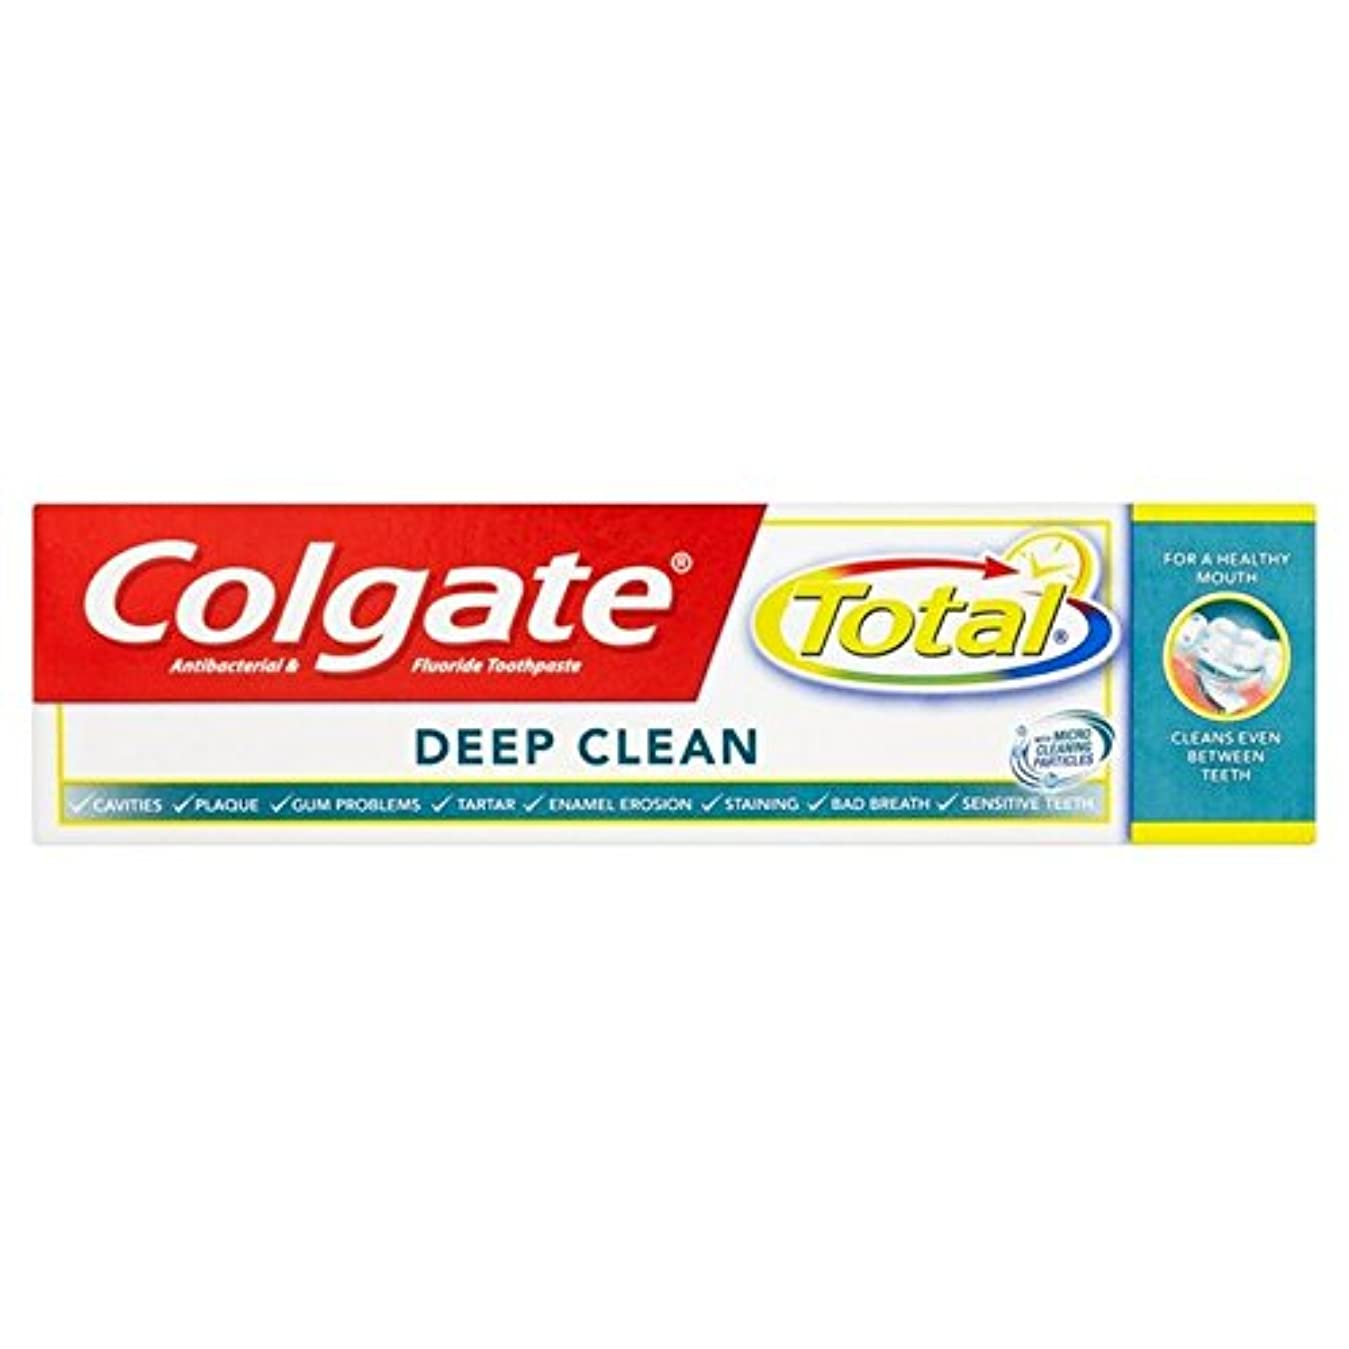 共和党文化回答コルゲートトータル深いクリーン歯磨き粉75ミリリットル x4 - Colgate Total Deep Clean Toothpaste 75ml (Pack of 4) [並行輸入品]